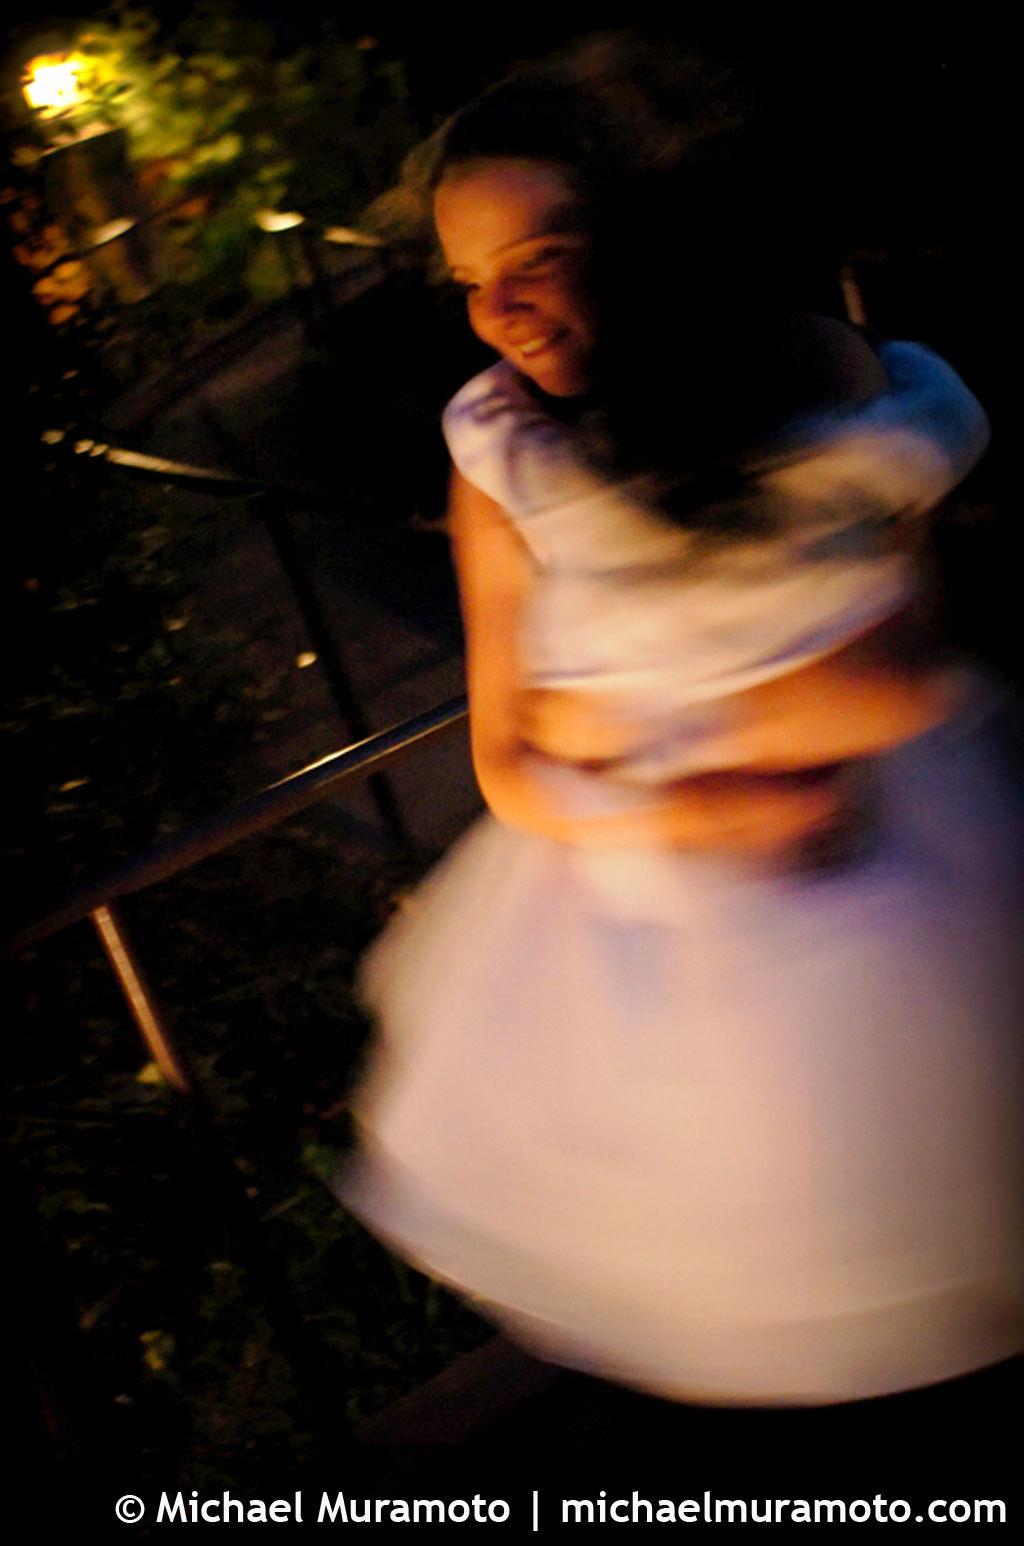 Dancing, Children, Sausalito, Michael muramoto photography, Motion